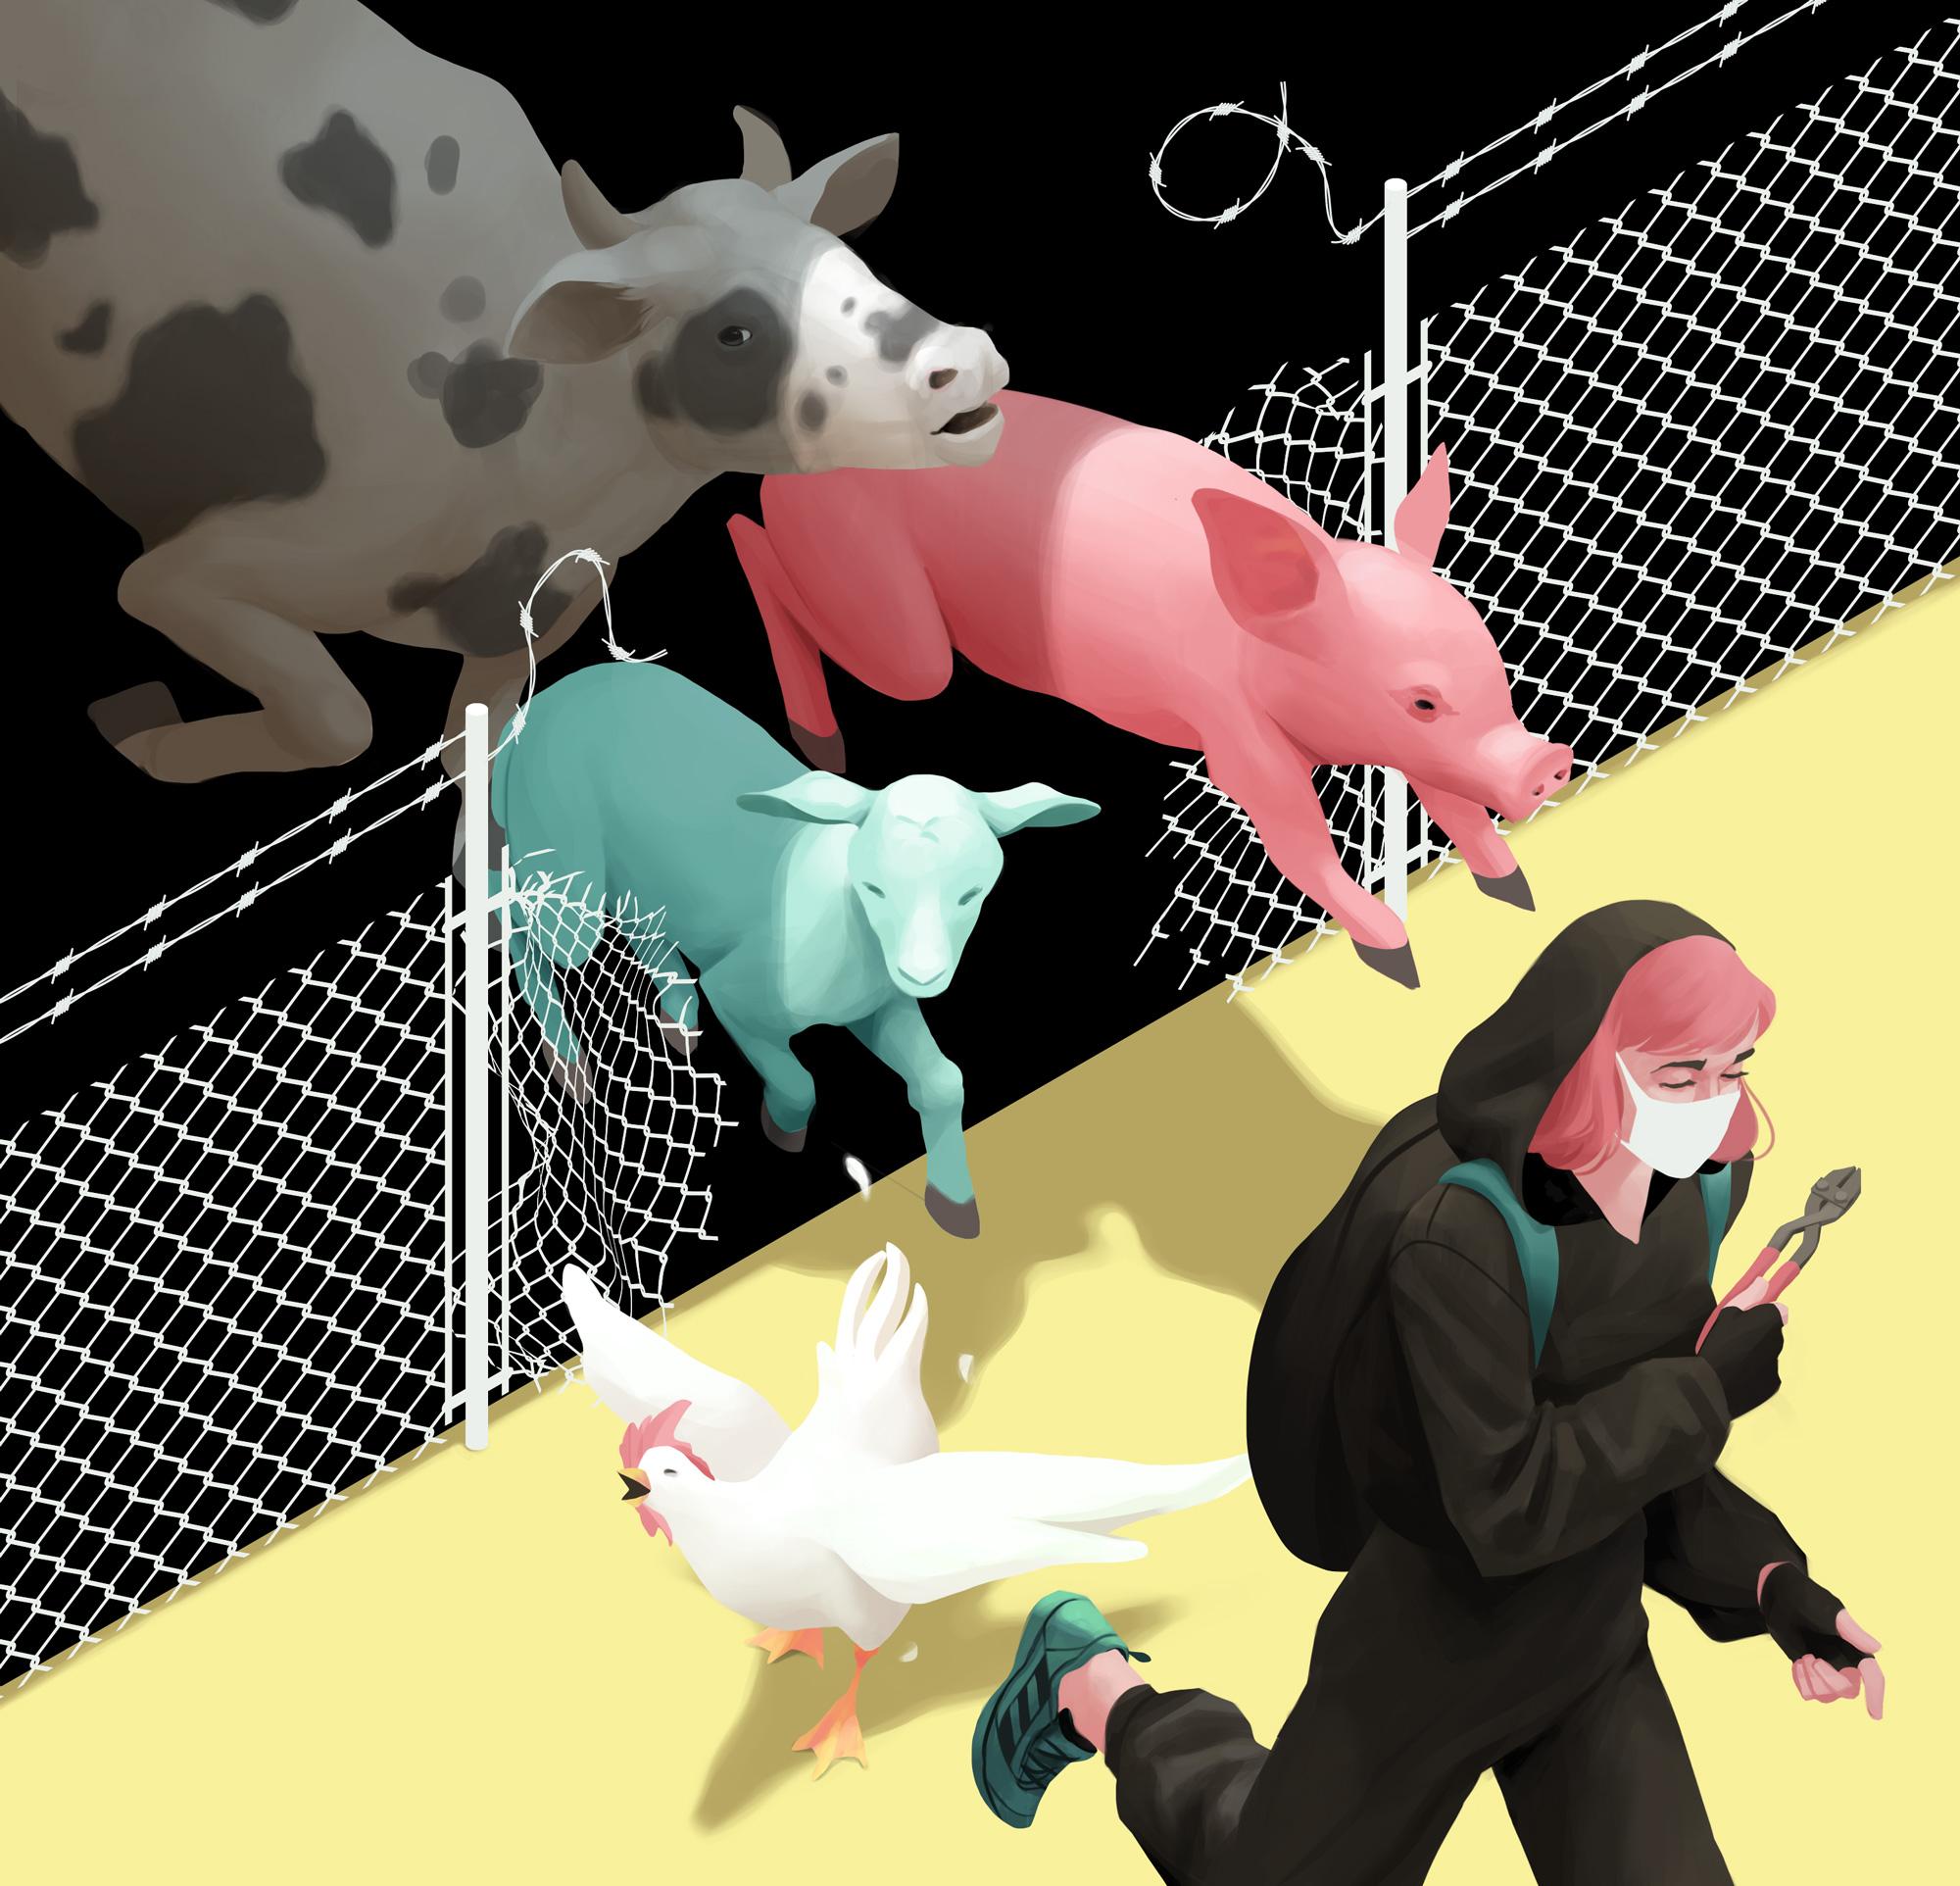 Animal Liberation · Un futuro ilustrado